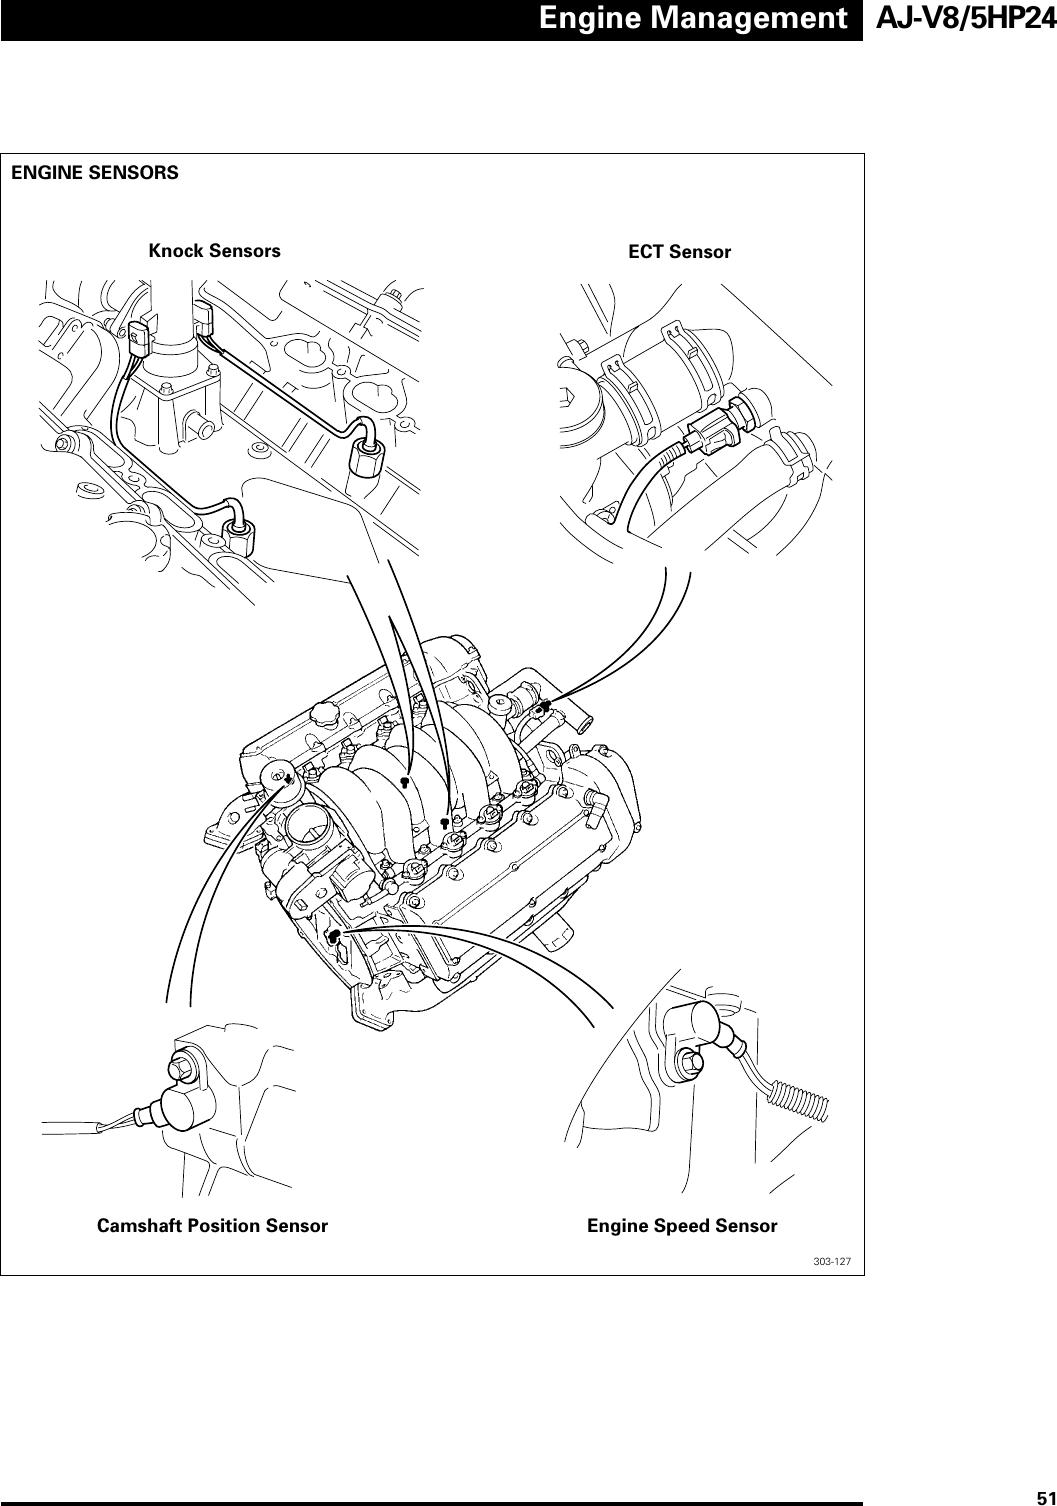 Camshaft Position Sensor Wiki